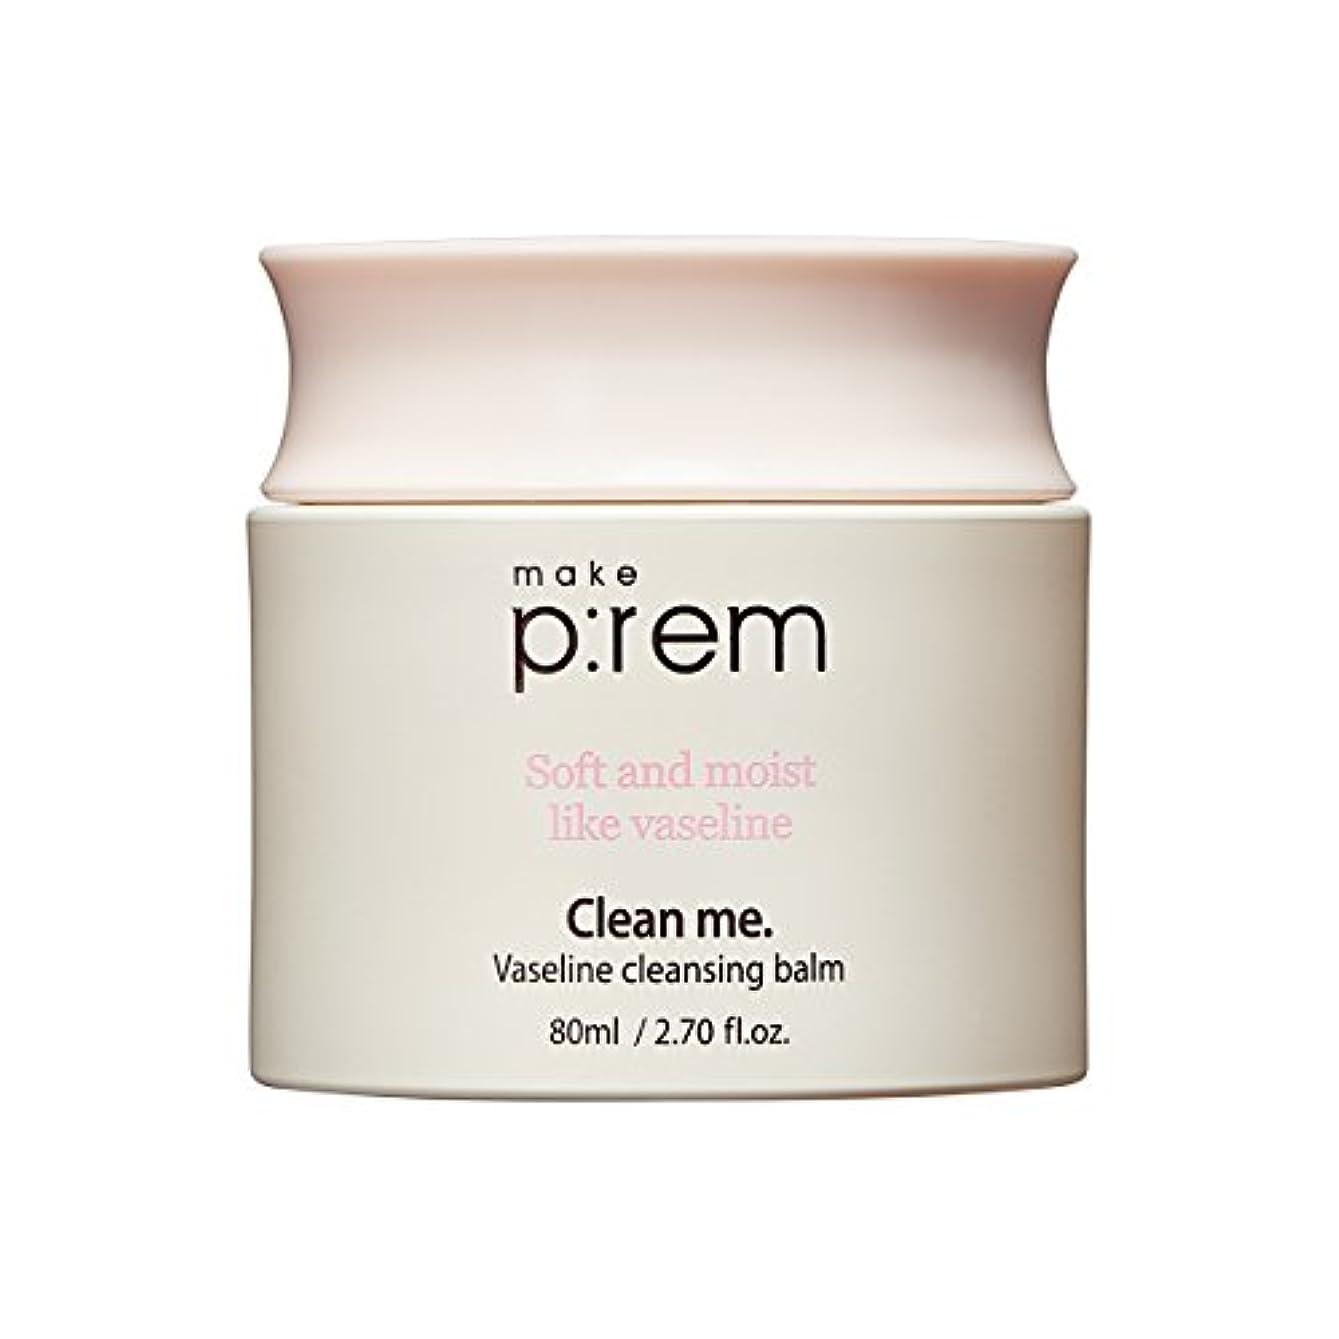 いまオピエートキャンセル[MAKE P:REM] clean me ワセリン クレンジング バーム Vaseline cleansing balm 80ml / 韓国コスメ, 韓国直送品